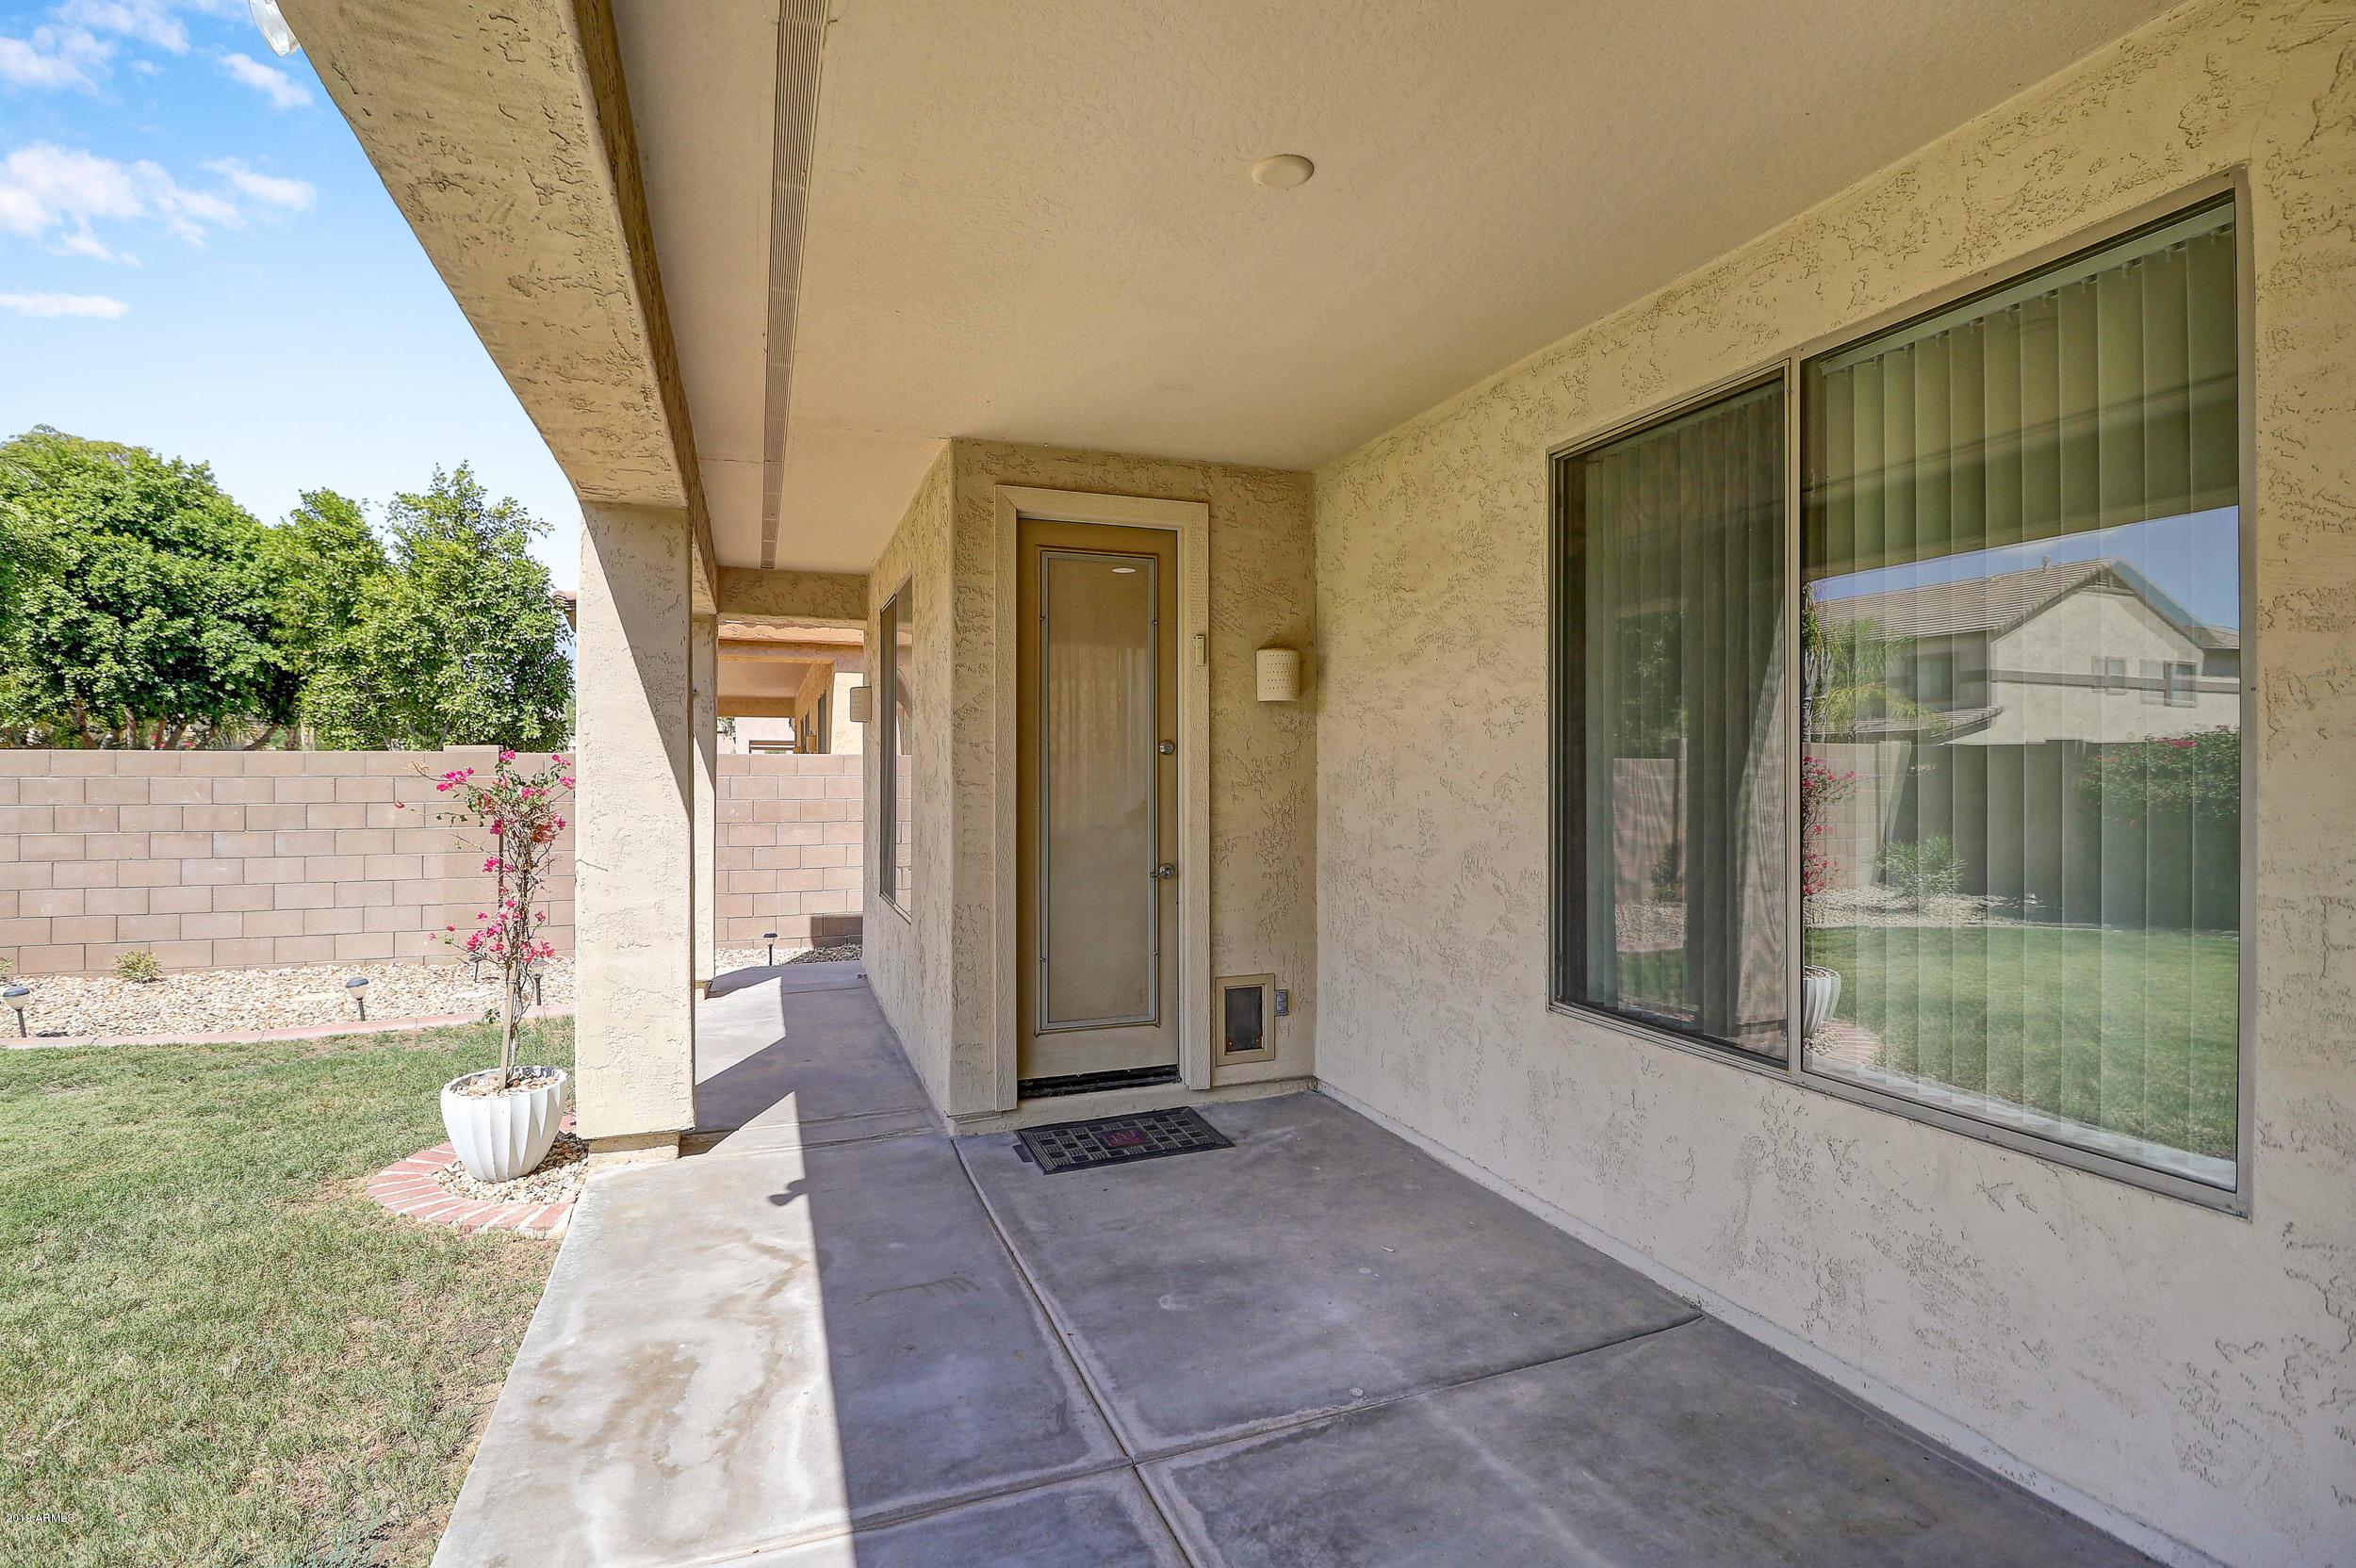 MLS 5958958 13336 W ROMAIN Court Building 13336, Litchfield Park, AZ 85340 Litchfield Park AZ Four Bedroom